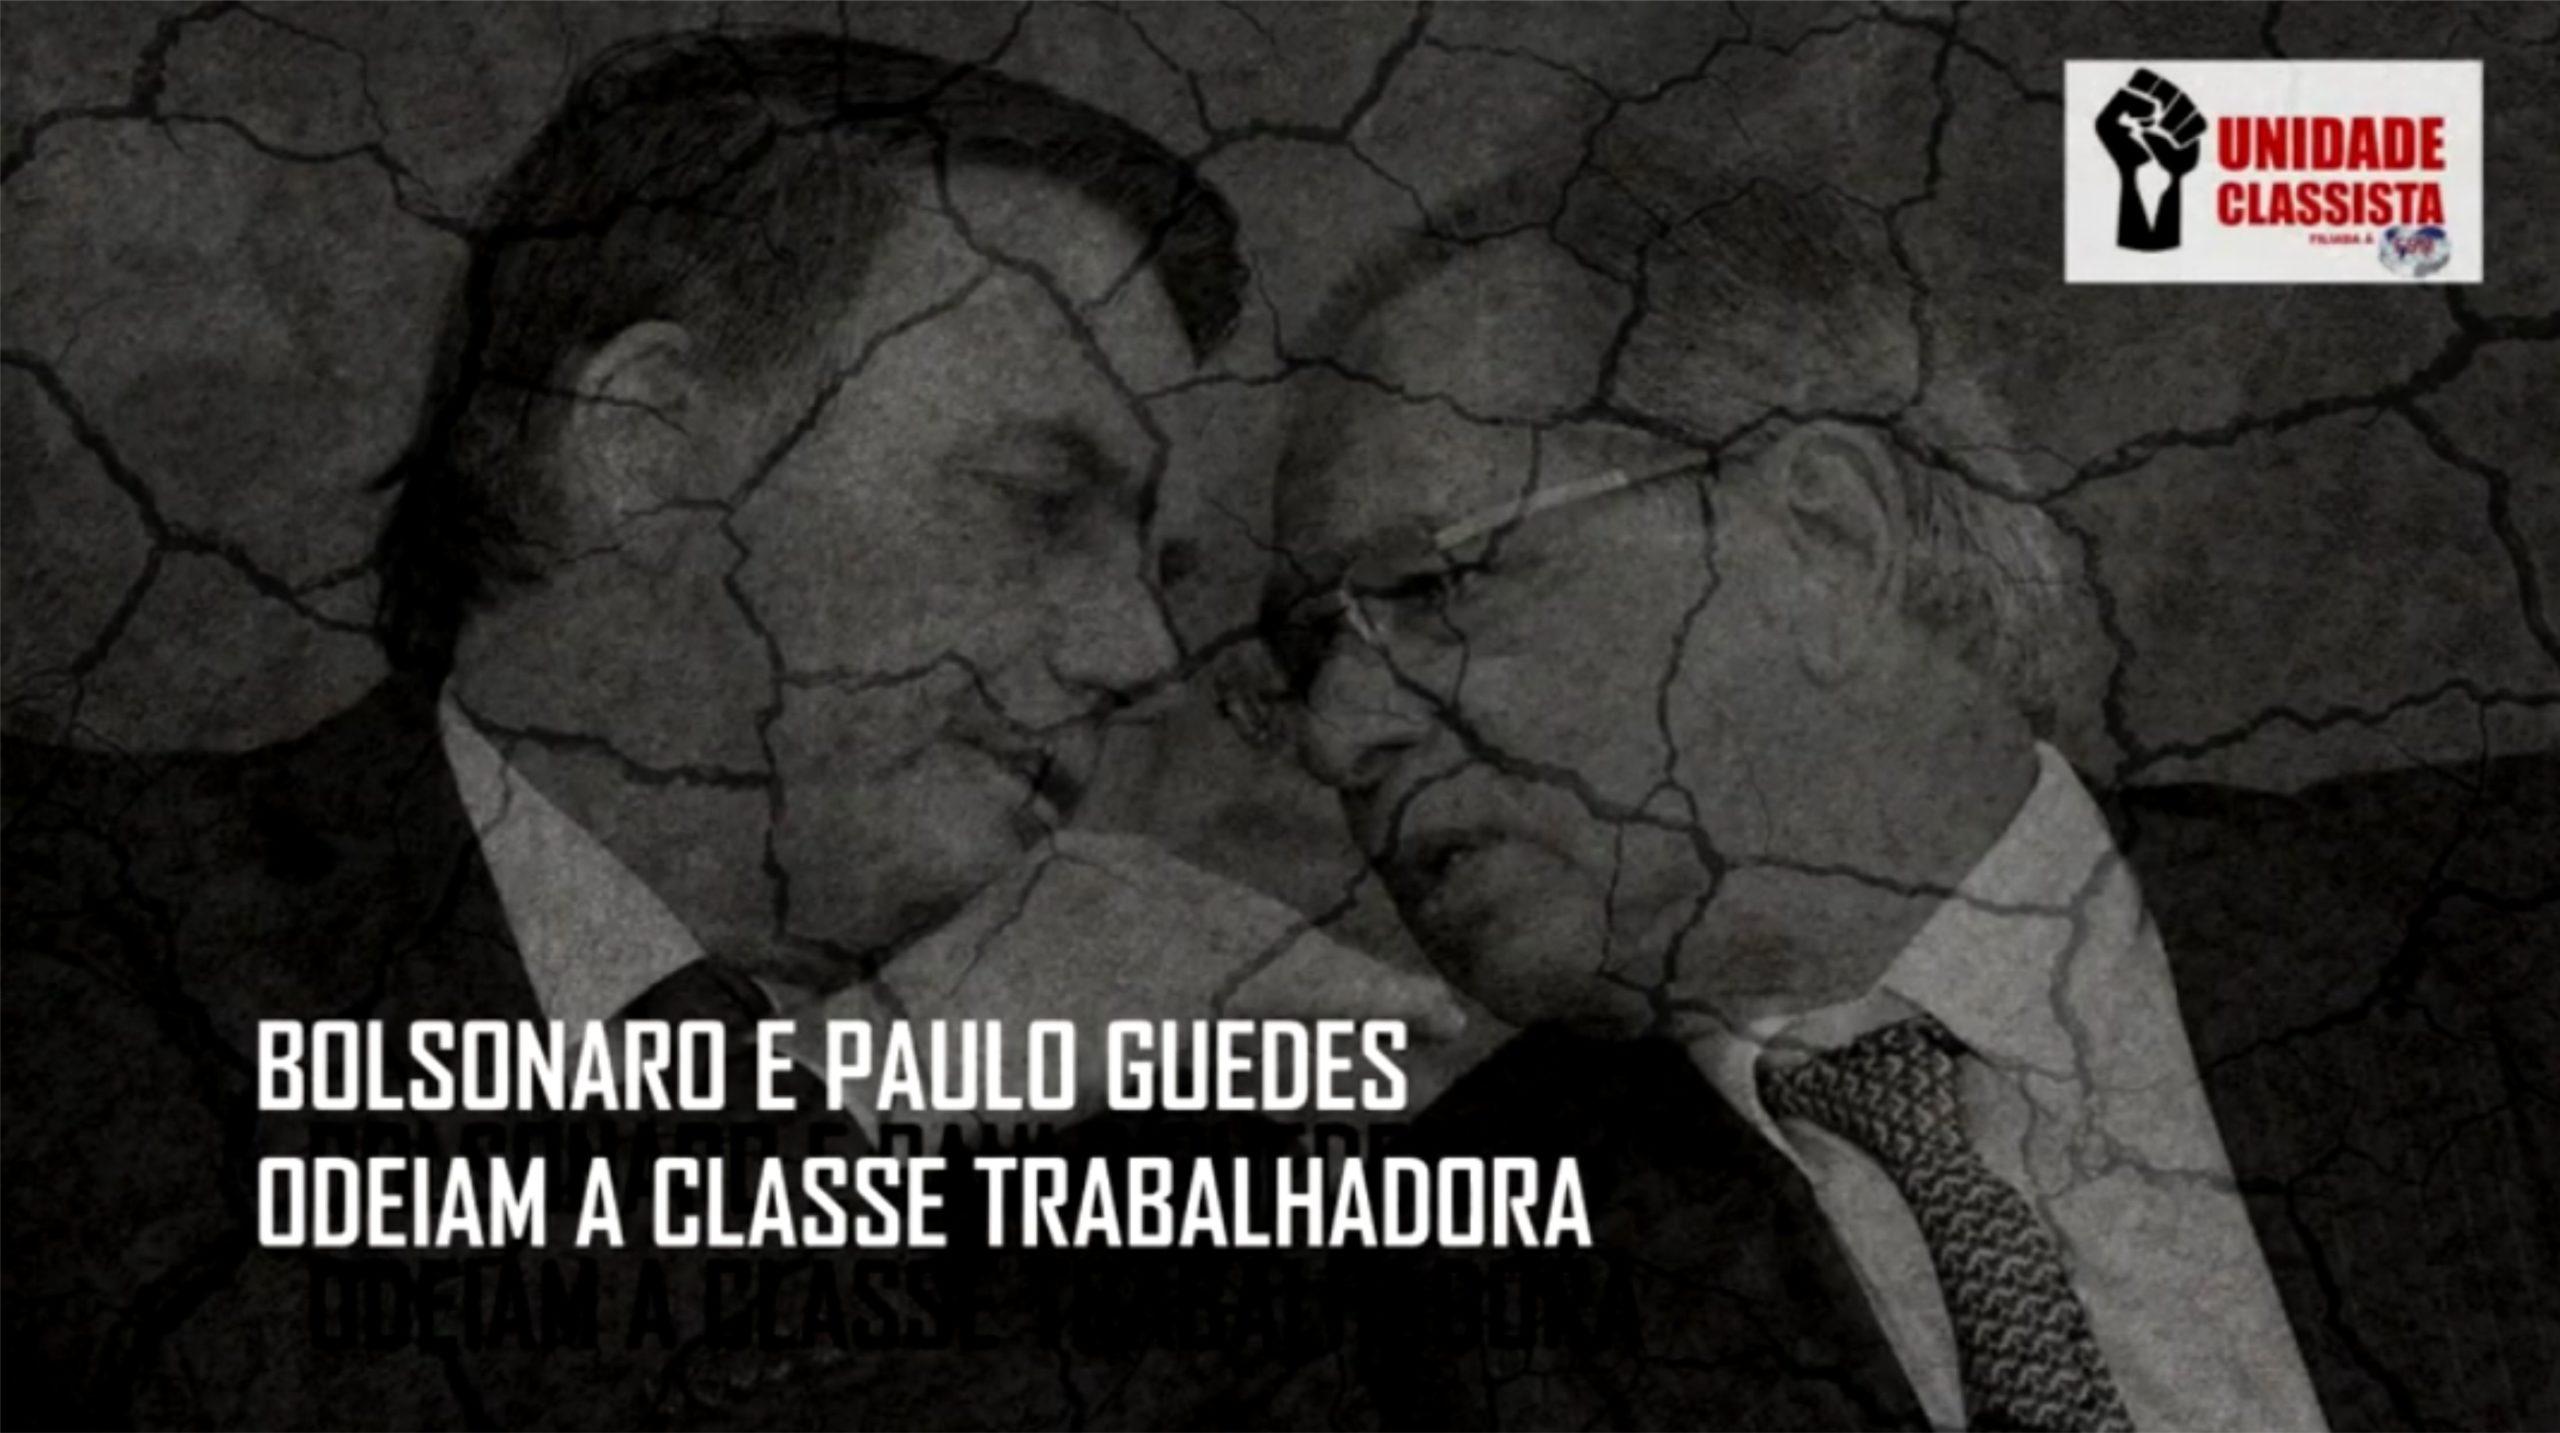 PAULO GUEDES INIMIGO DO POVO – UNIDADE CLASSISTA